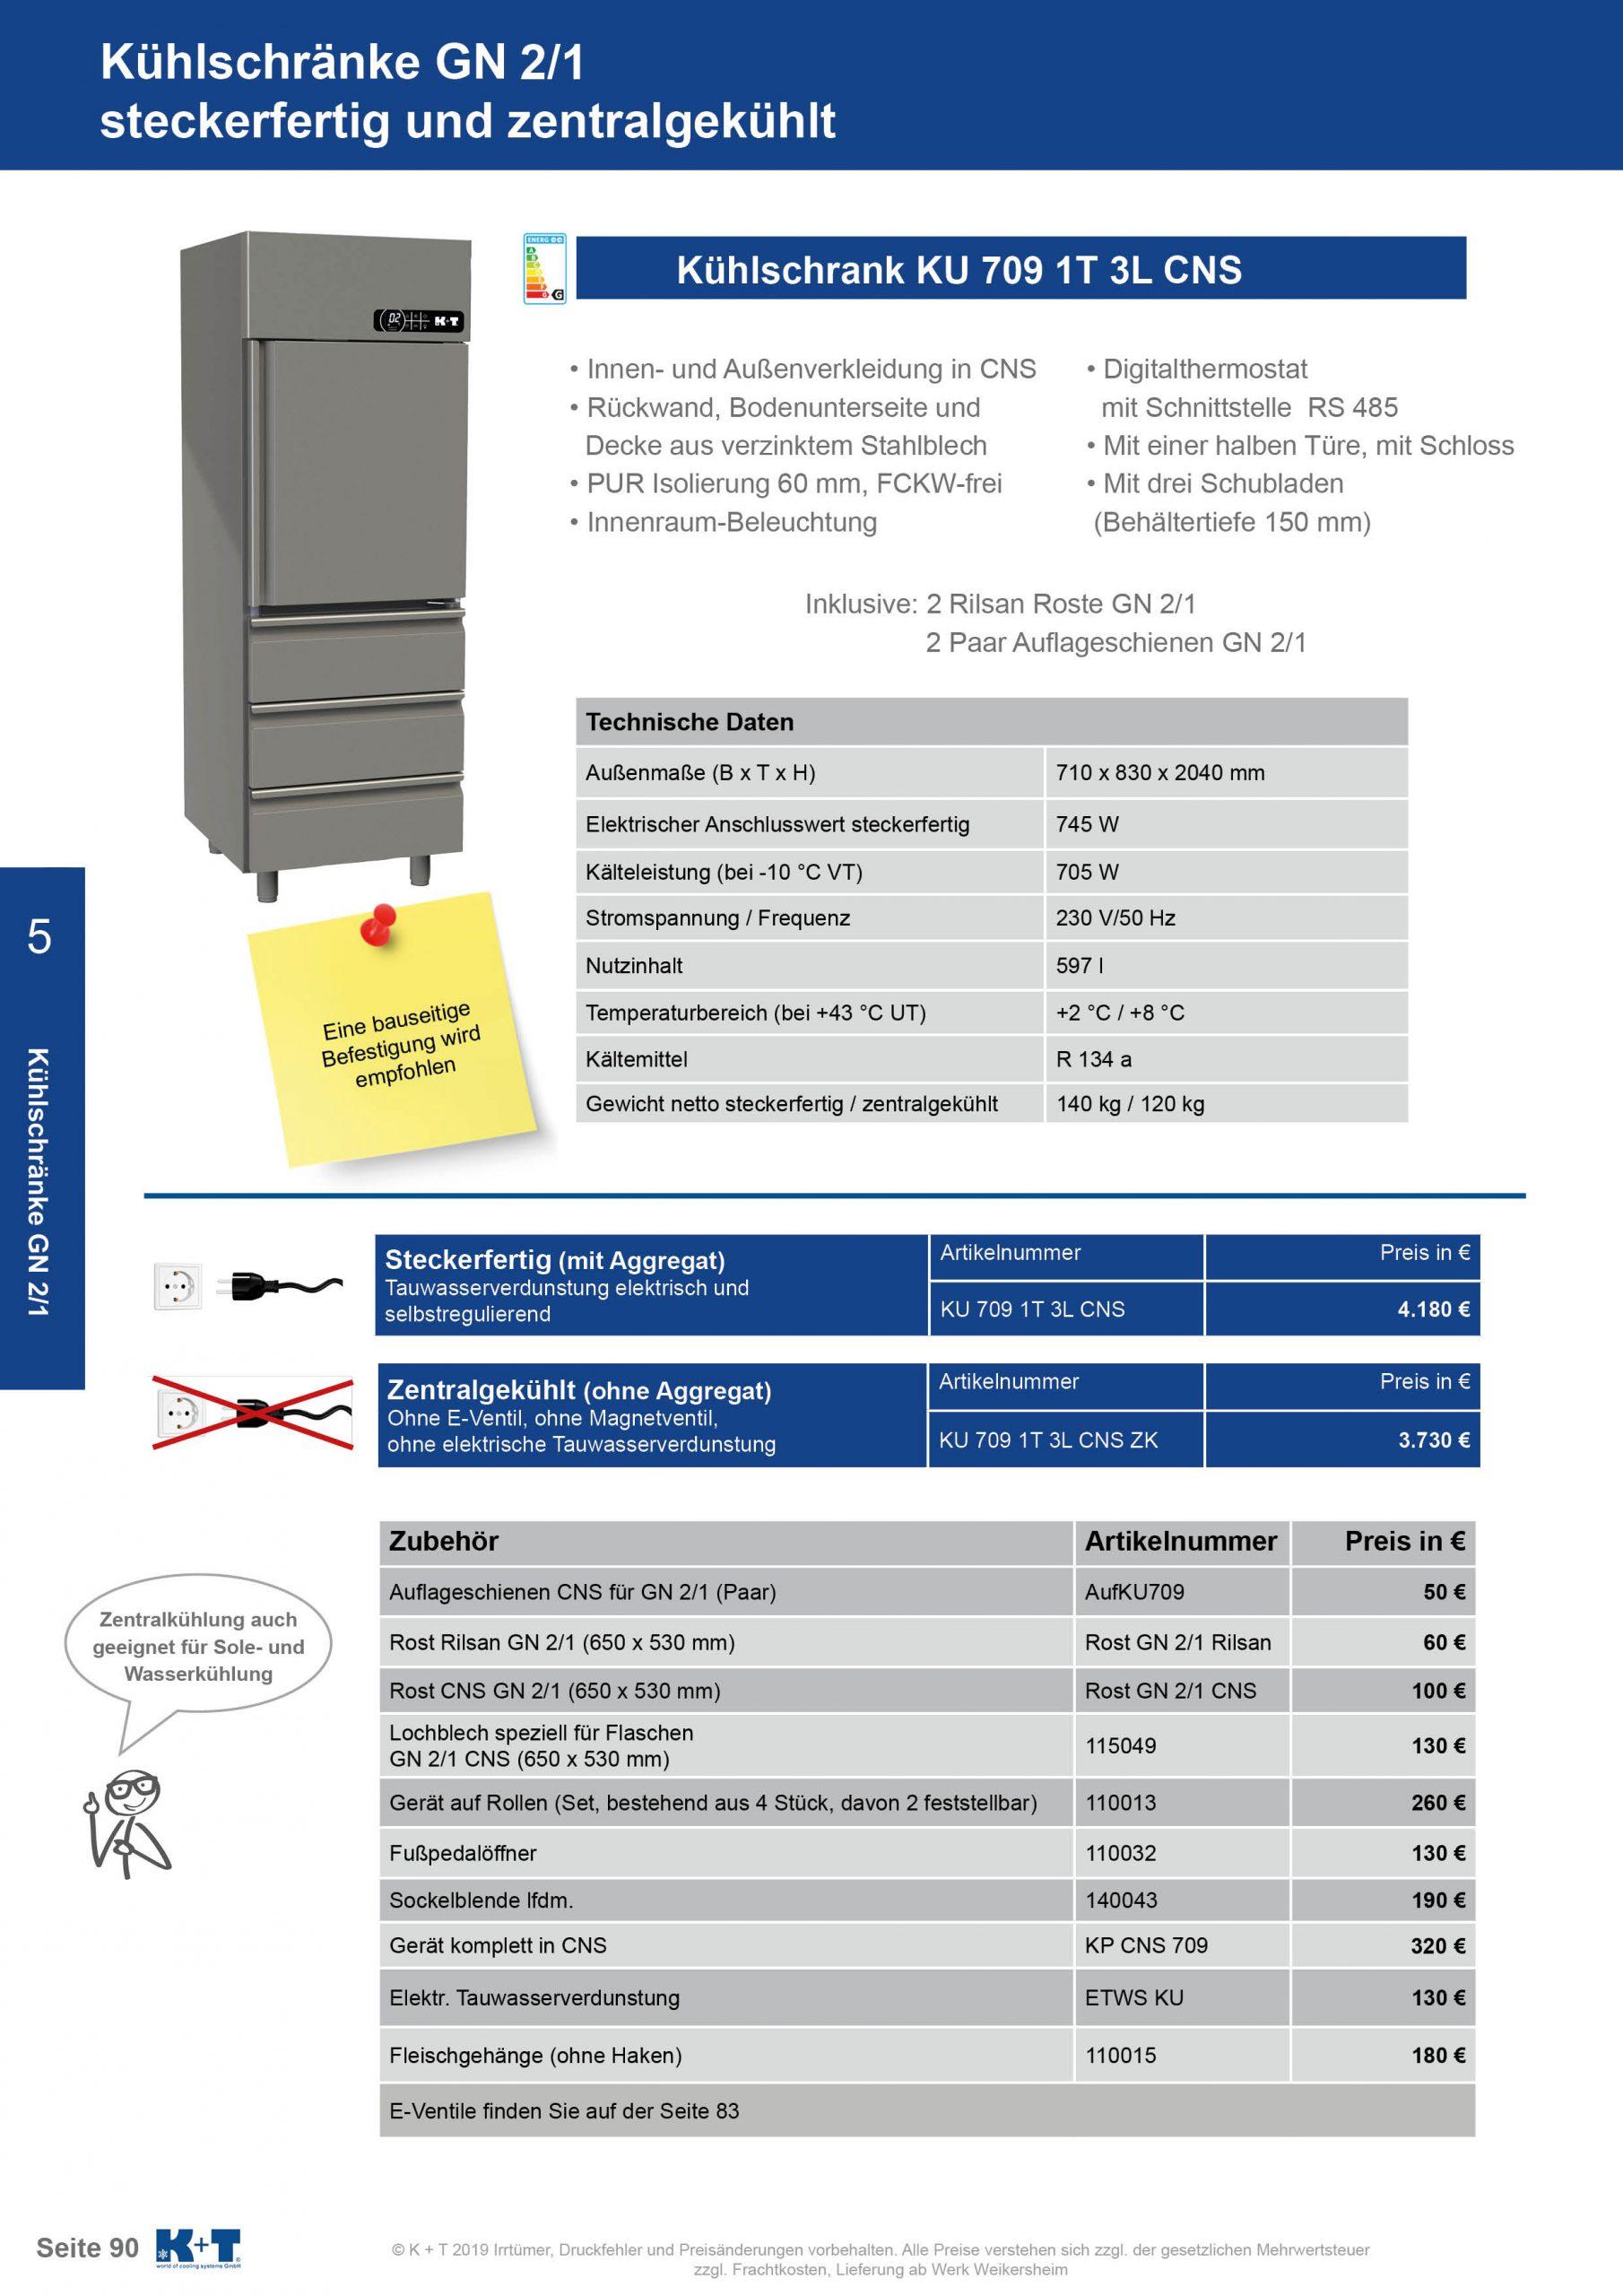 Kühlschränke GN 2_1 Kühlschrank mit ½ Tür und 3 Schubladen zentralgekühlt